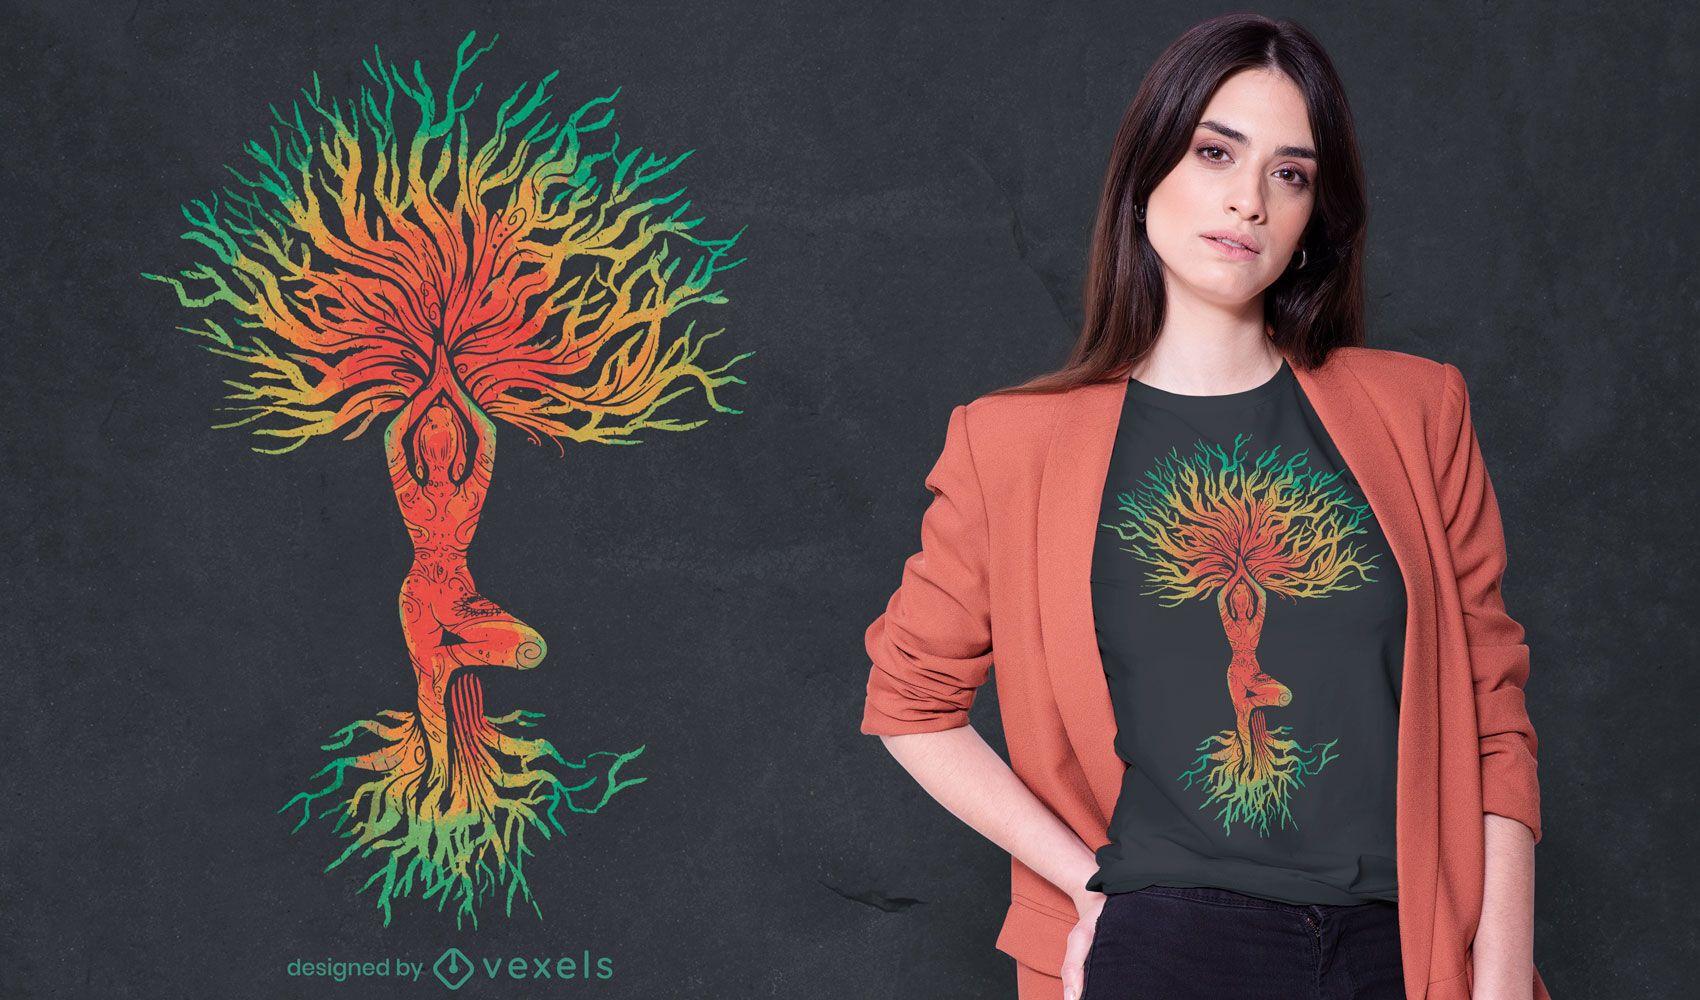 Mulher em pose de ioga com design de t-shirt em árvore